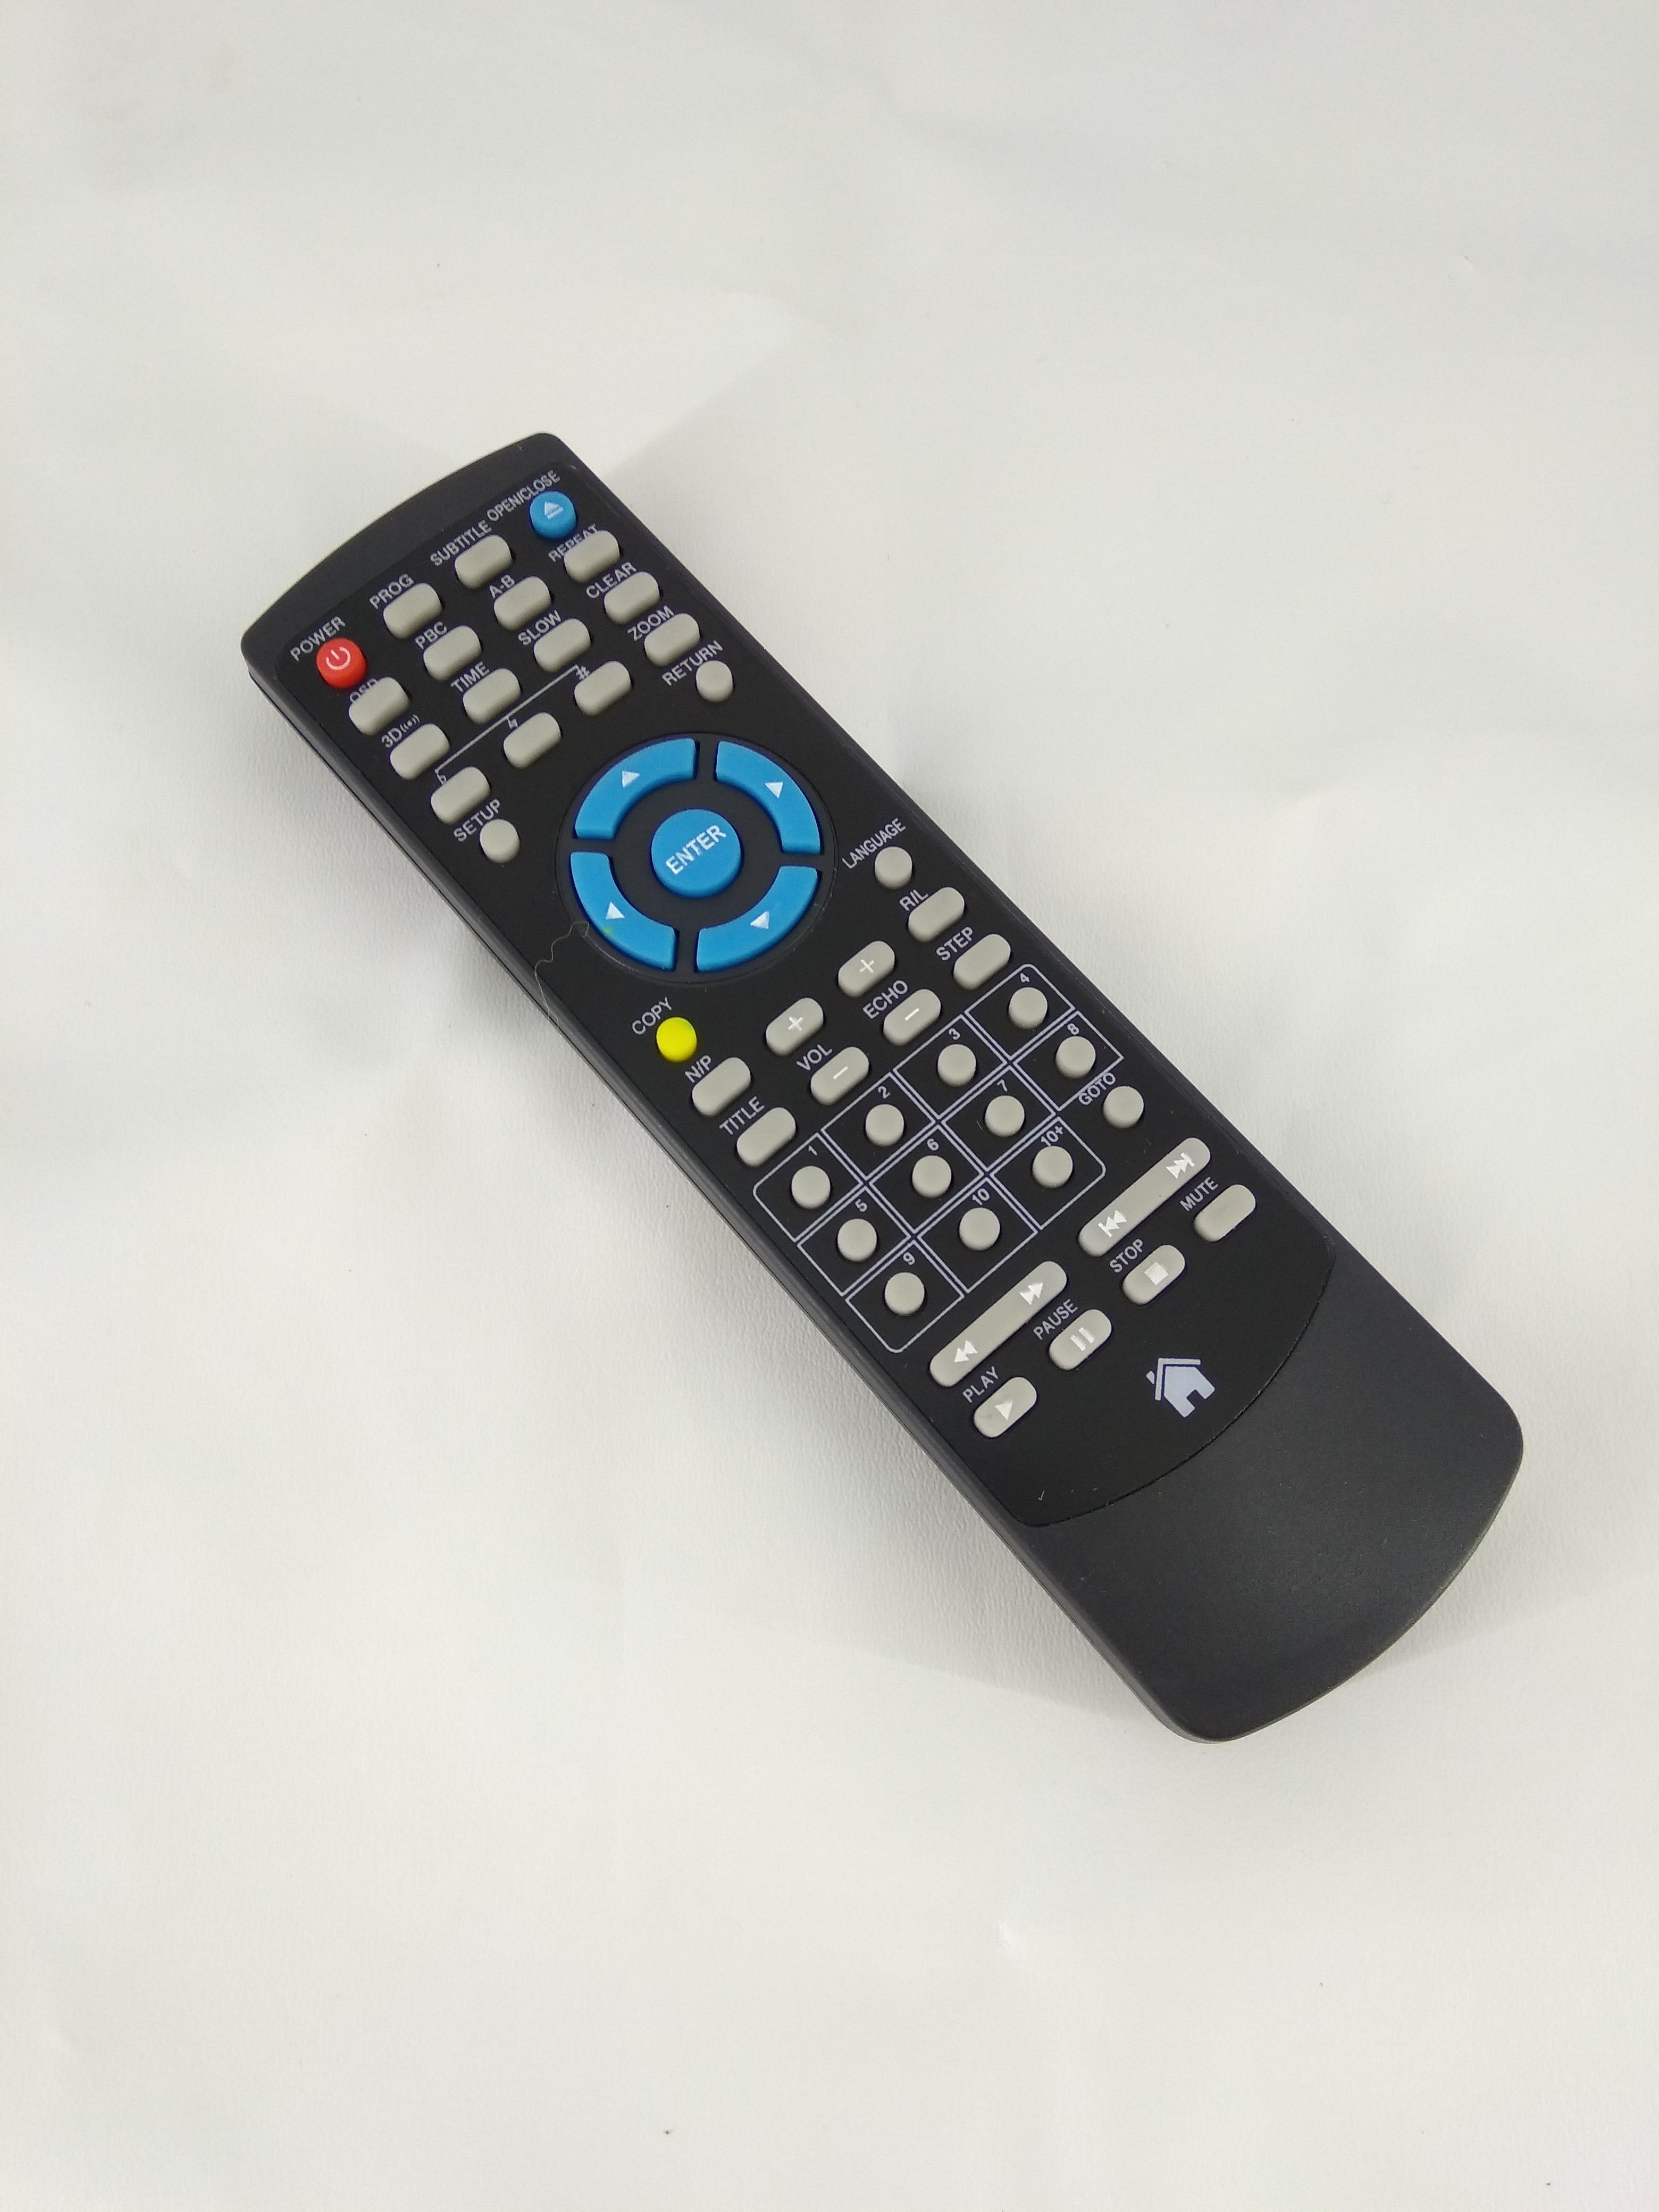 Remot Remote DVD Ichiko DV-VR860 / Vortex Original Pabrik / KW